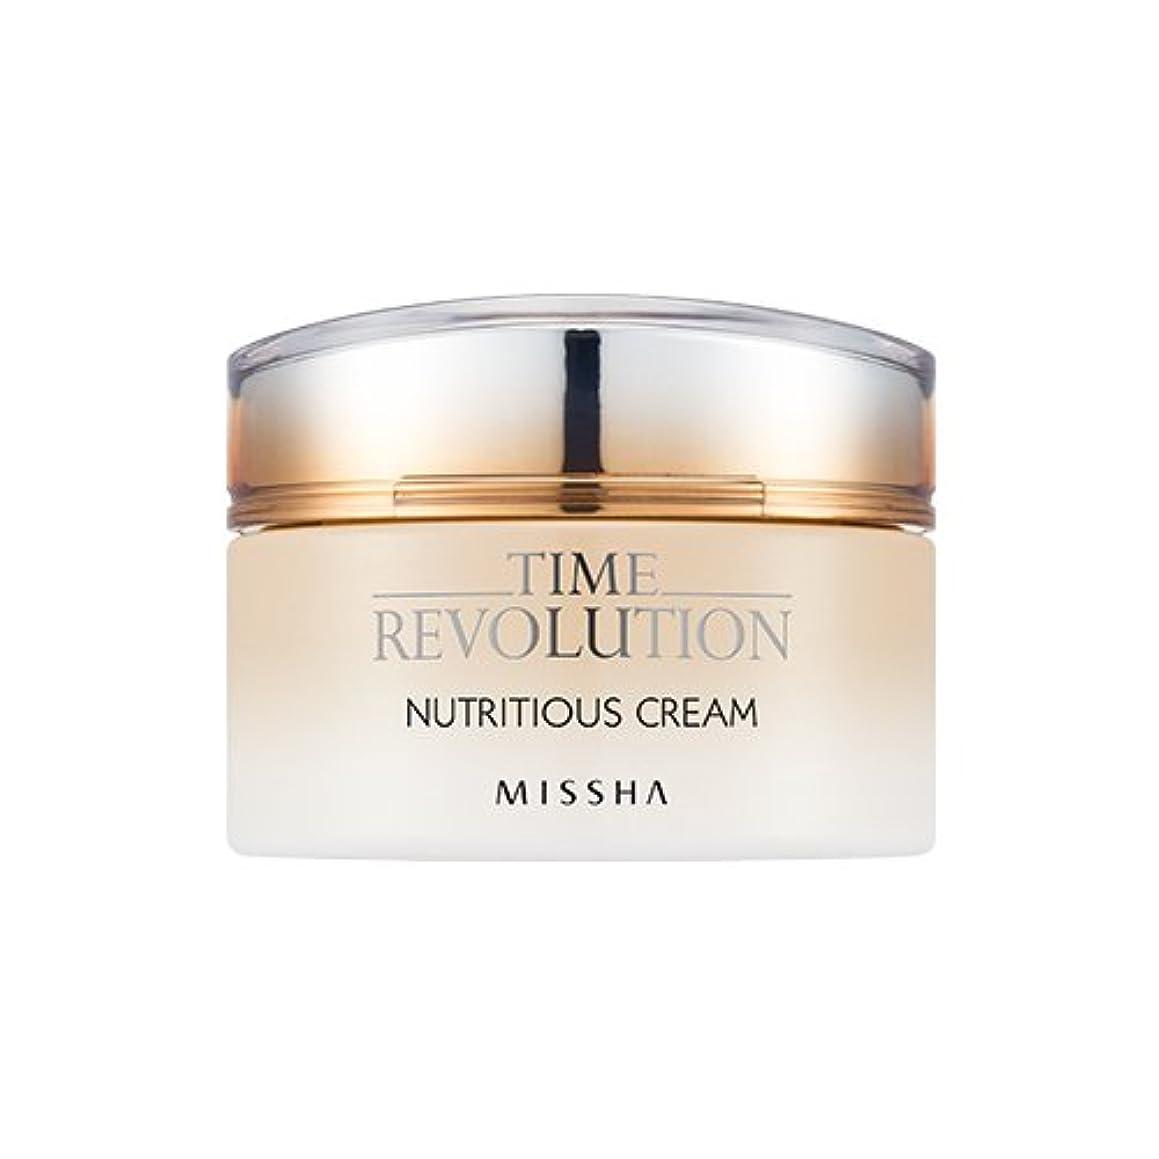 リフレッシュ明らか丈夫[New] MISSHA Time Revolution Nutritious Cream 50ml/ミシャ タイム レボリューション ニュートリシャス クリーム 50ml [並行輸入品]